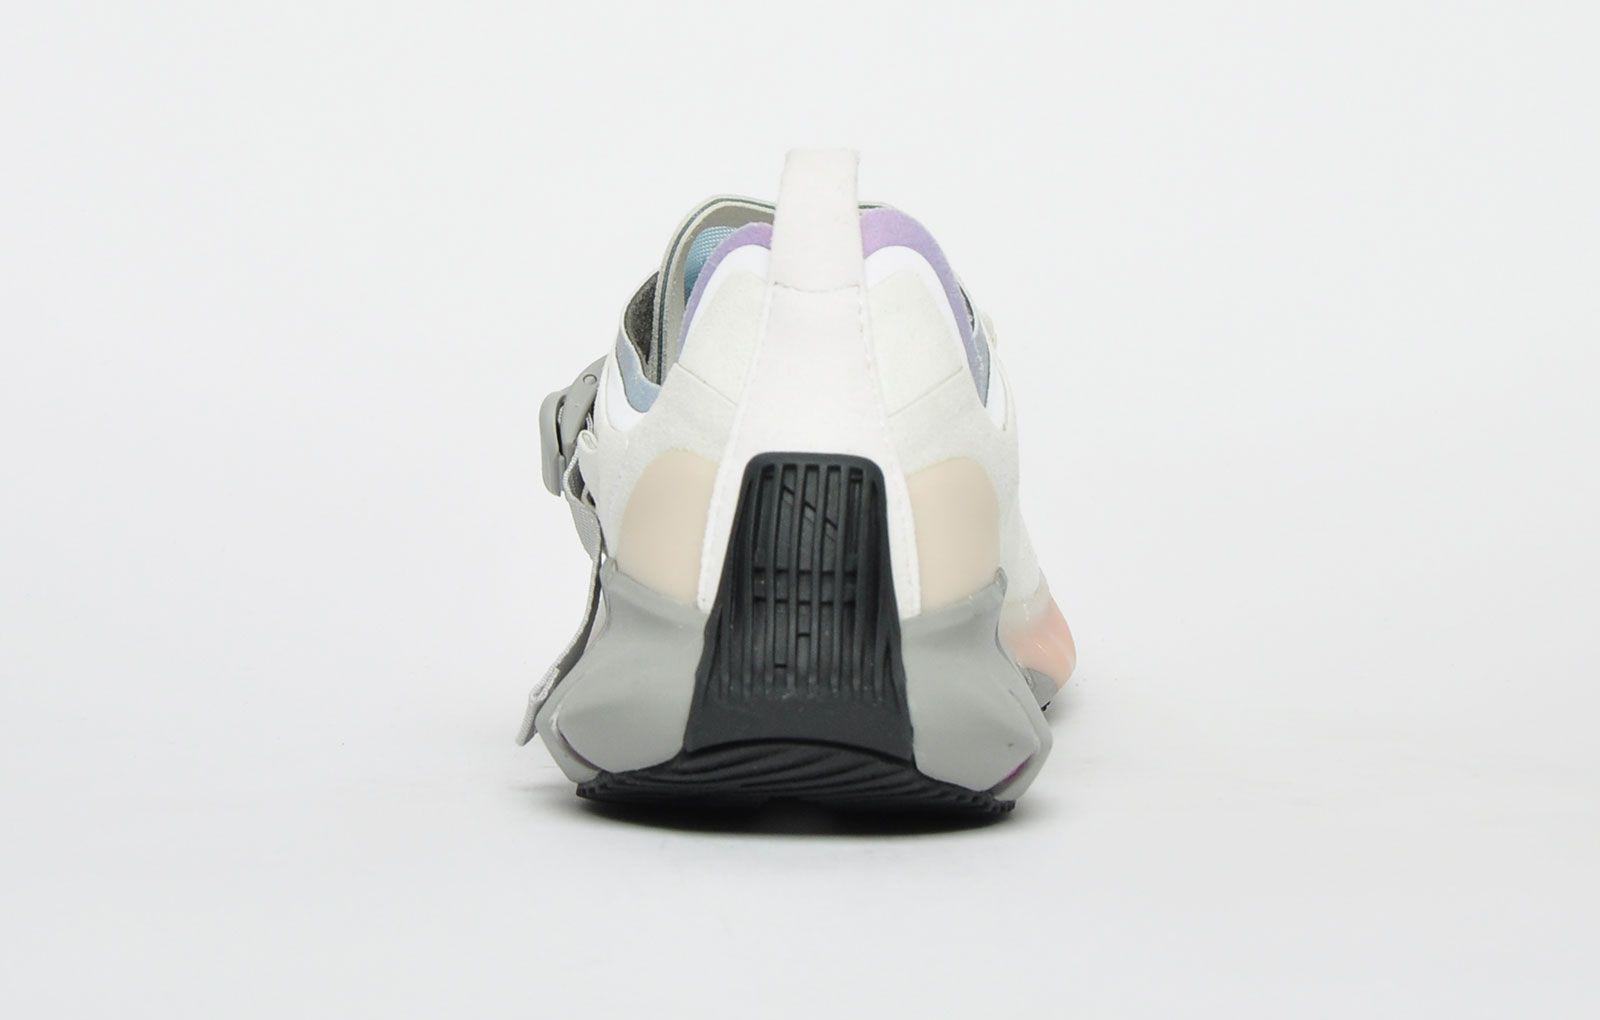 Reebok Zig Kinetica Concept Type 1